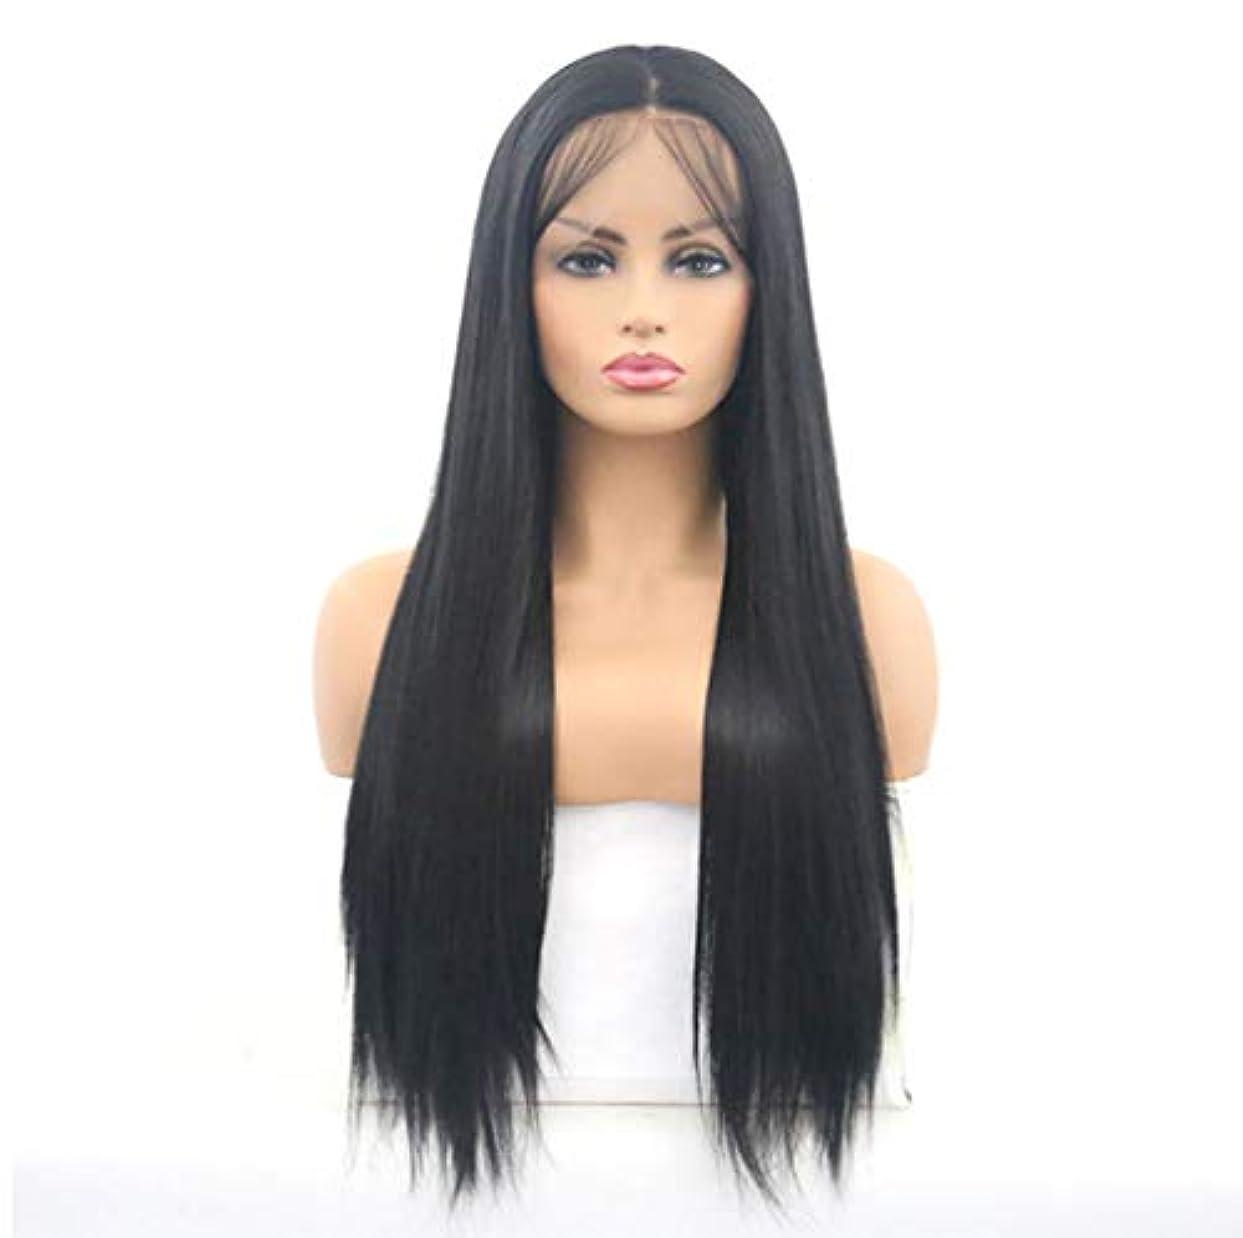 打ち上げる満員主要な女性レースフロントかつらブラジルレミー人間の髪の毛ストレートレースかつら150%密度ナチュラルブラック26インチ